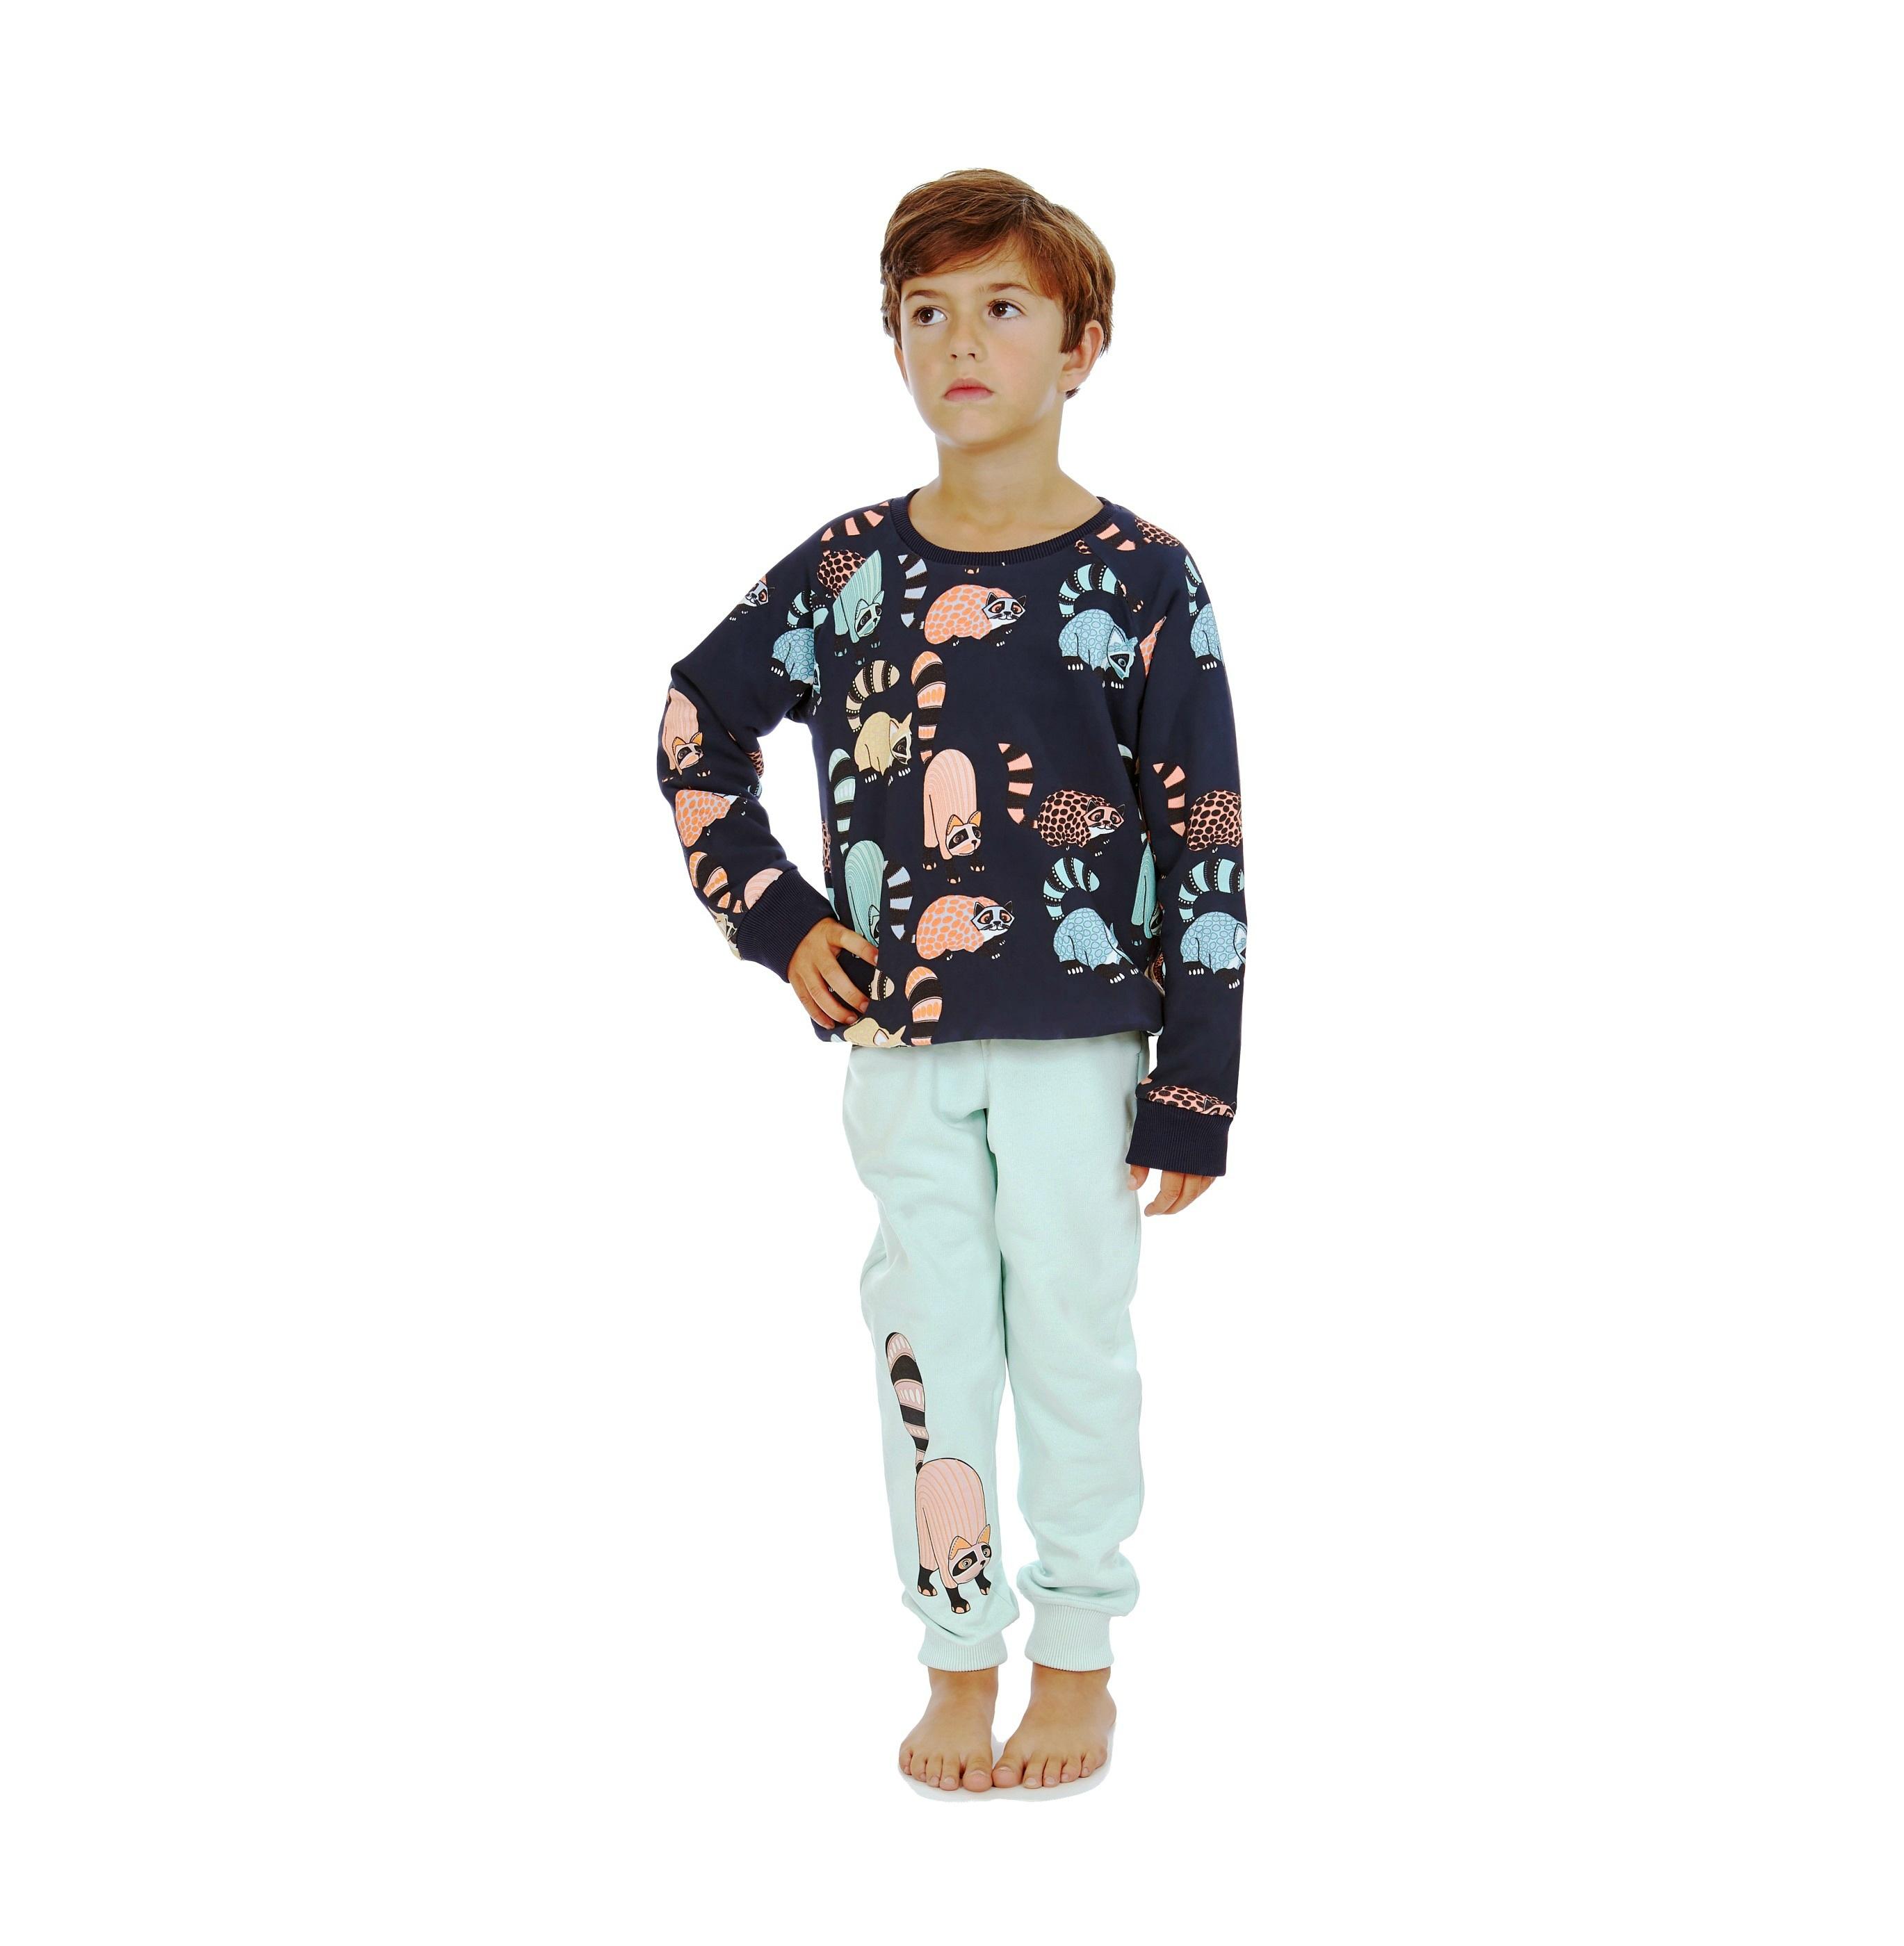 Reverisble Sweatshirt Oaxacan AOP + Sweatpants Oaxacan Print